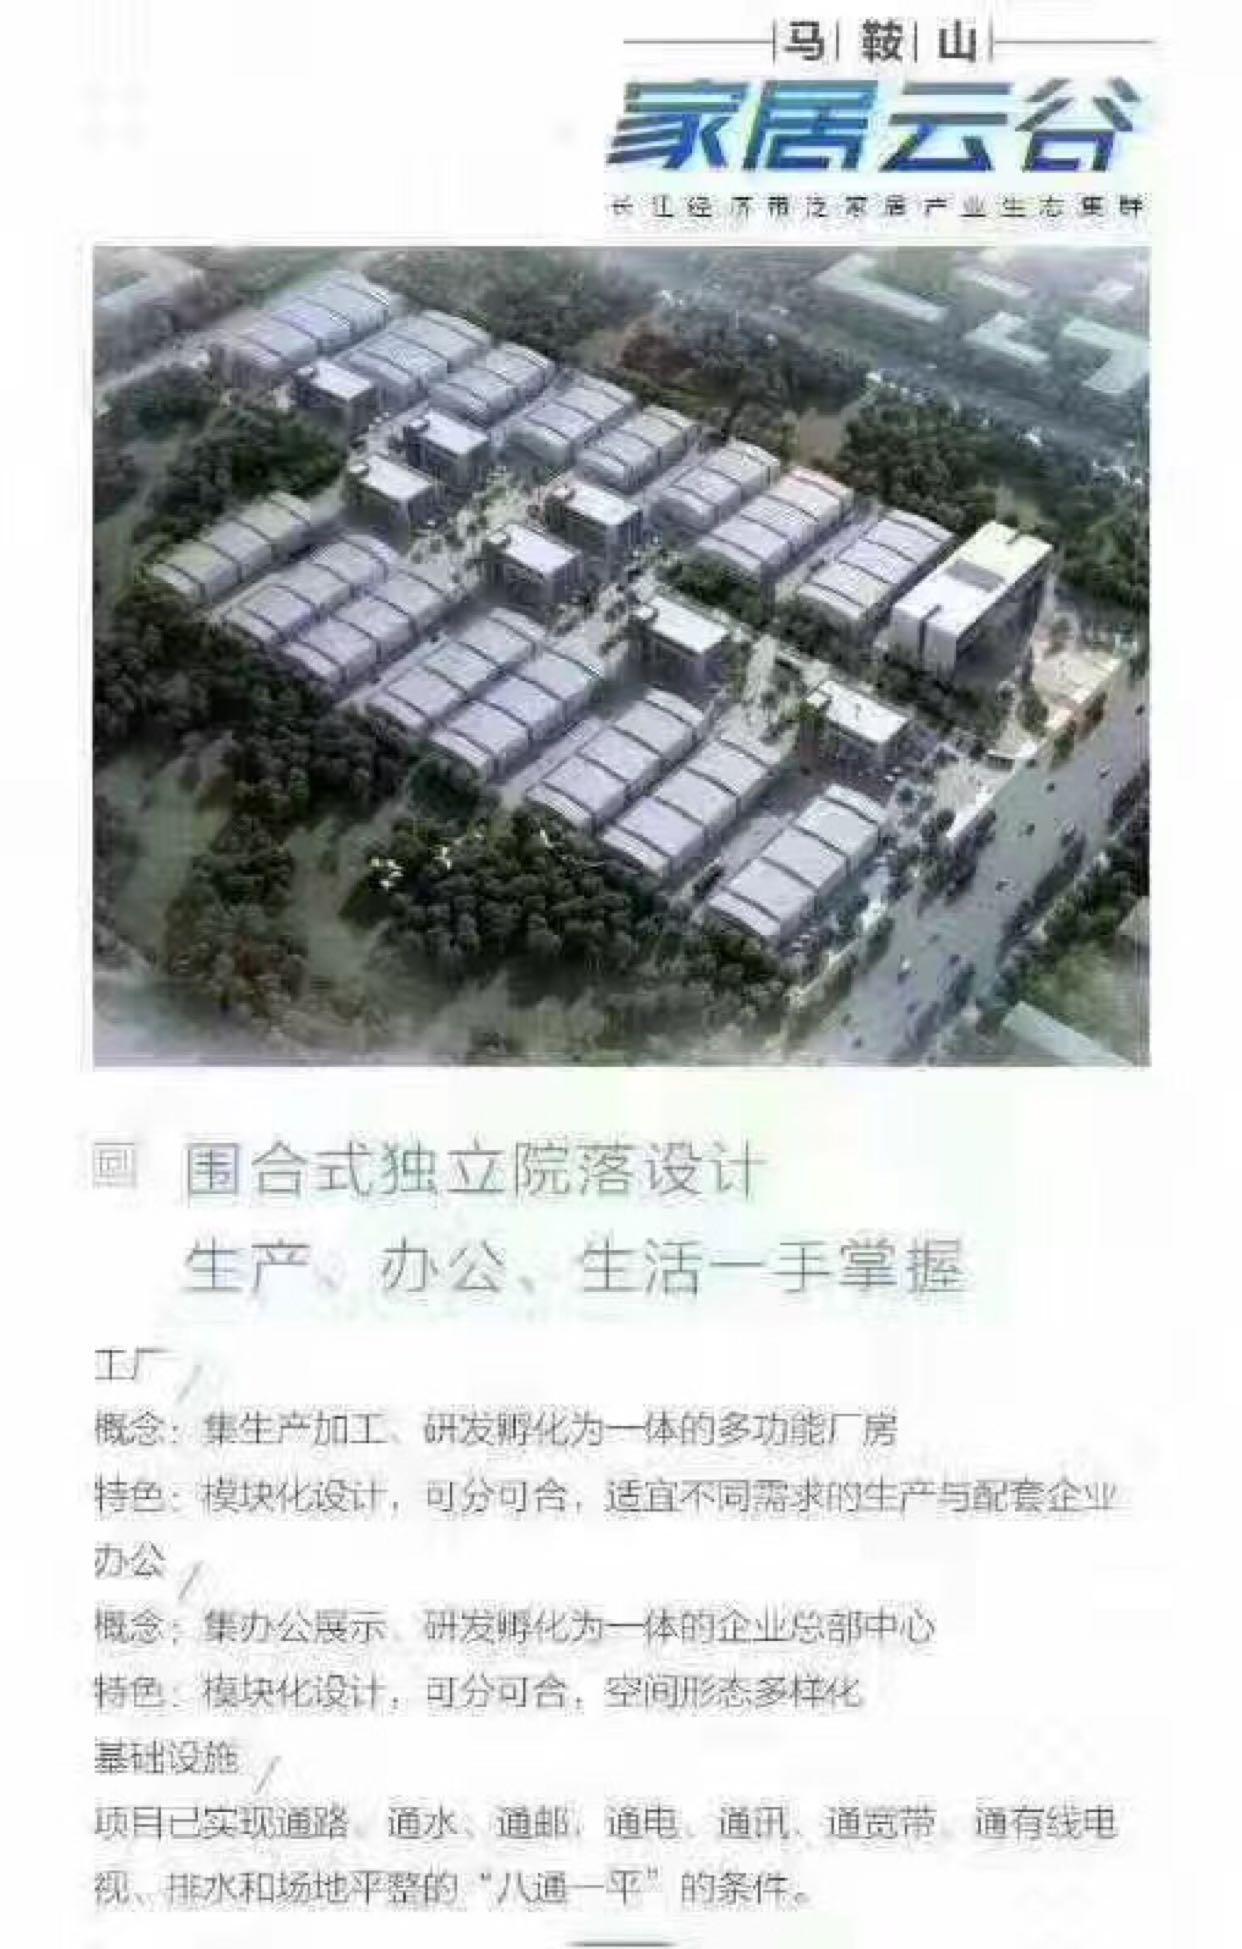 安徽马鞍山家居产业集群招商, 8万一亩